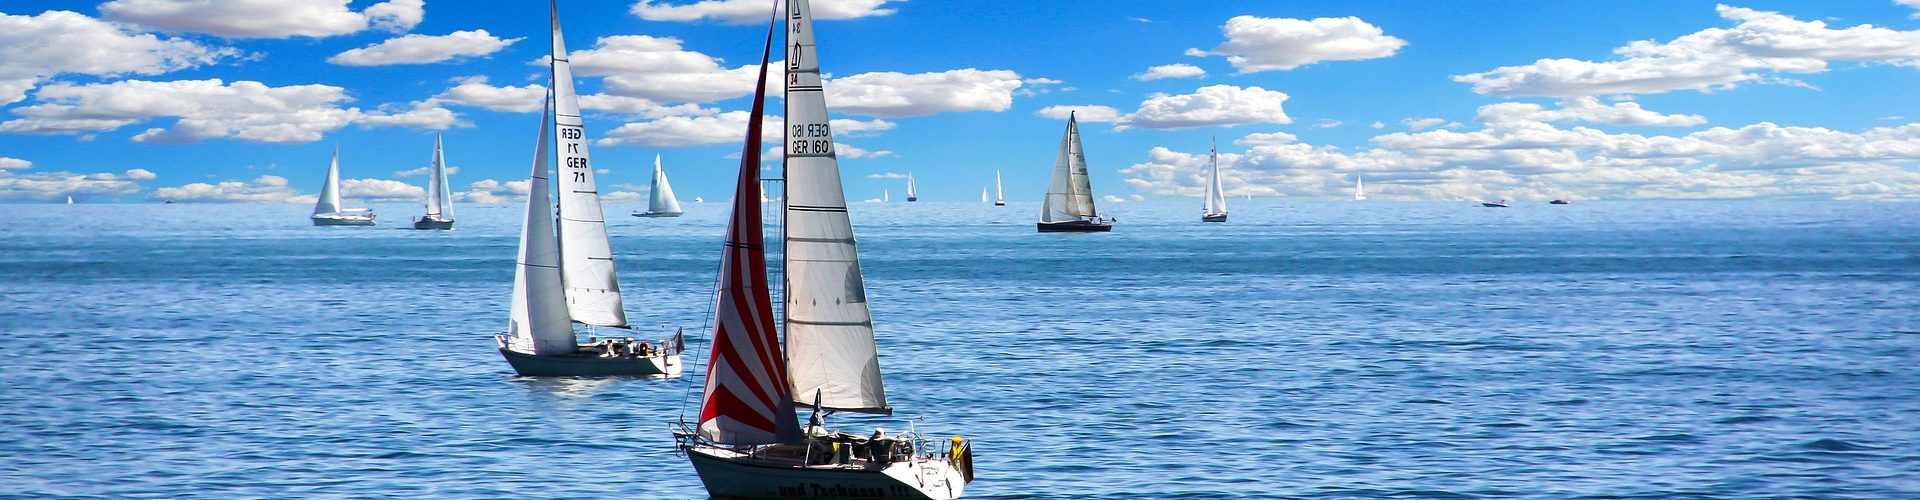 segeln lernen in Titisee Neustadt segelschein machen in Titisee Neustadt 1920x500 - Segeln lernen in Titisee-Neustadt